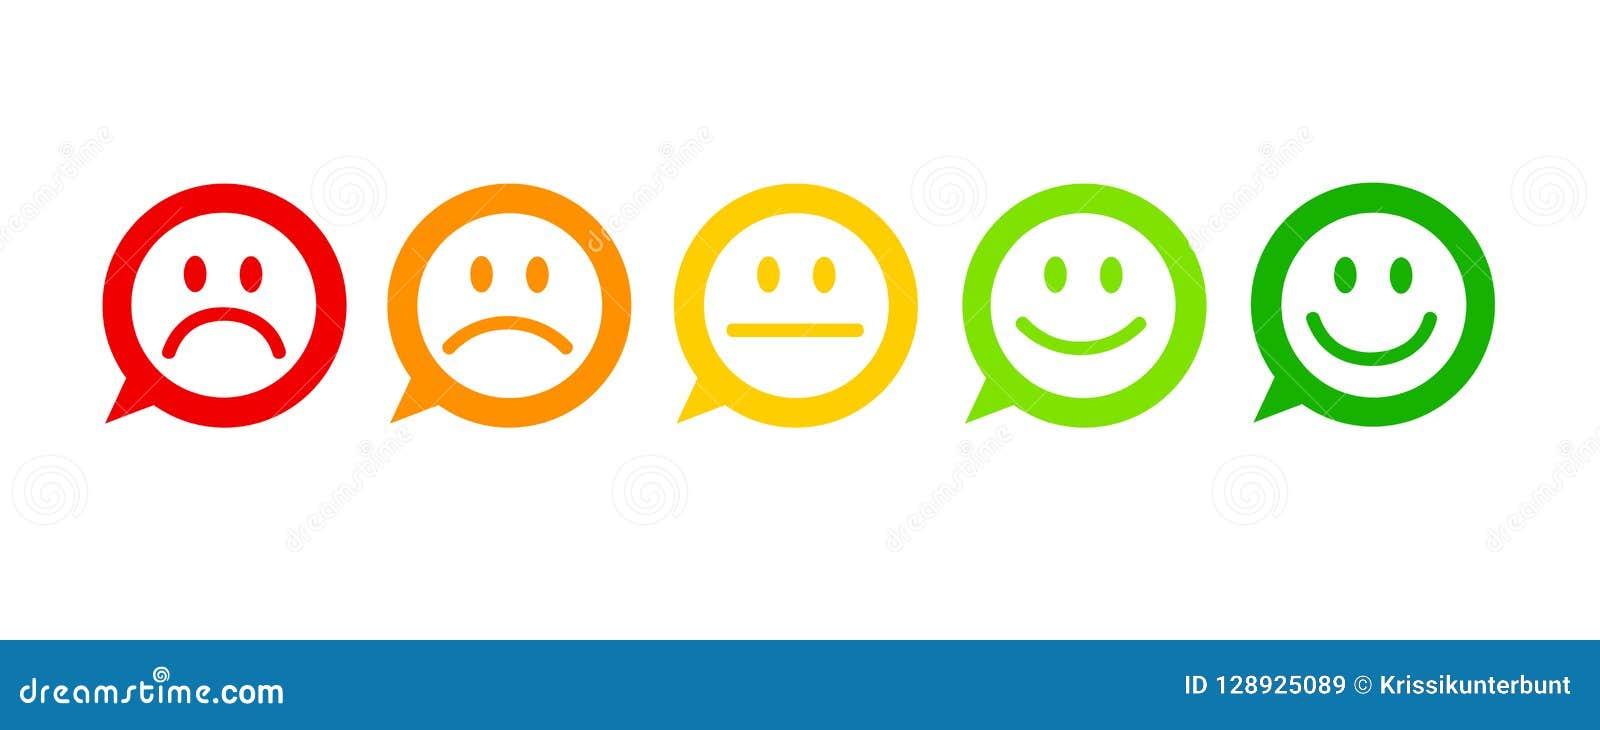 Bewertungs-Zufriedenheits-Feedback in der Form der ausgezeichneten guten normalen schlechten schrecklichen Spracheblase der Gefüh